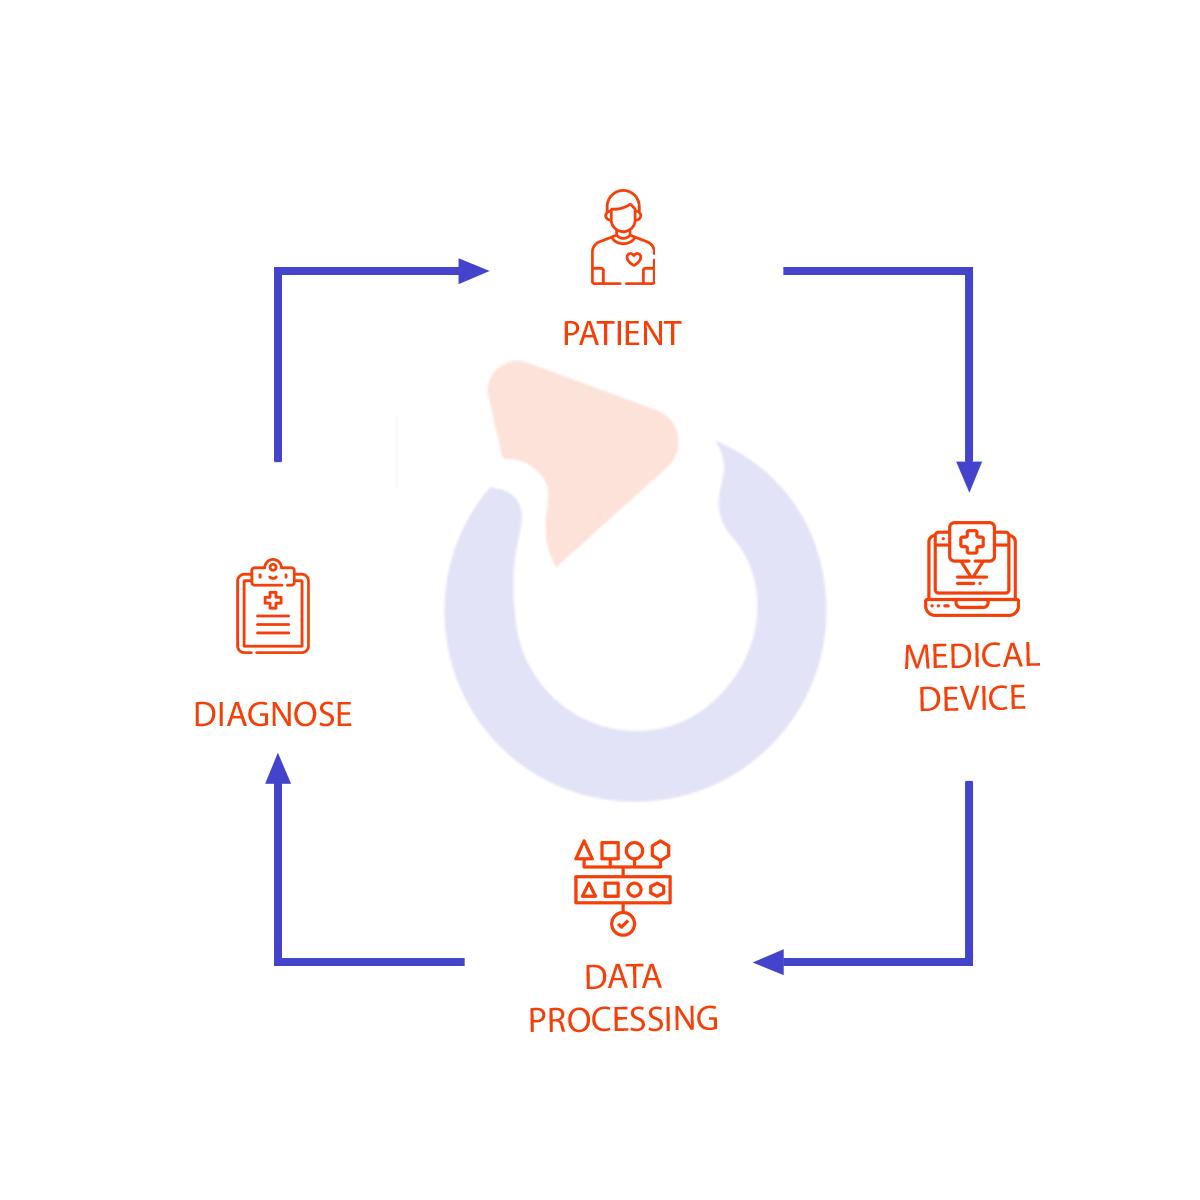 przepływ danych pacjenta dla każdego medycznego urządzenia opracowanego w Spyrosoft